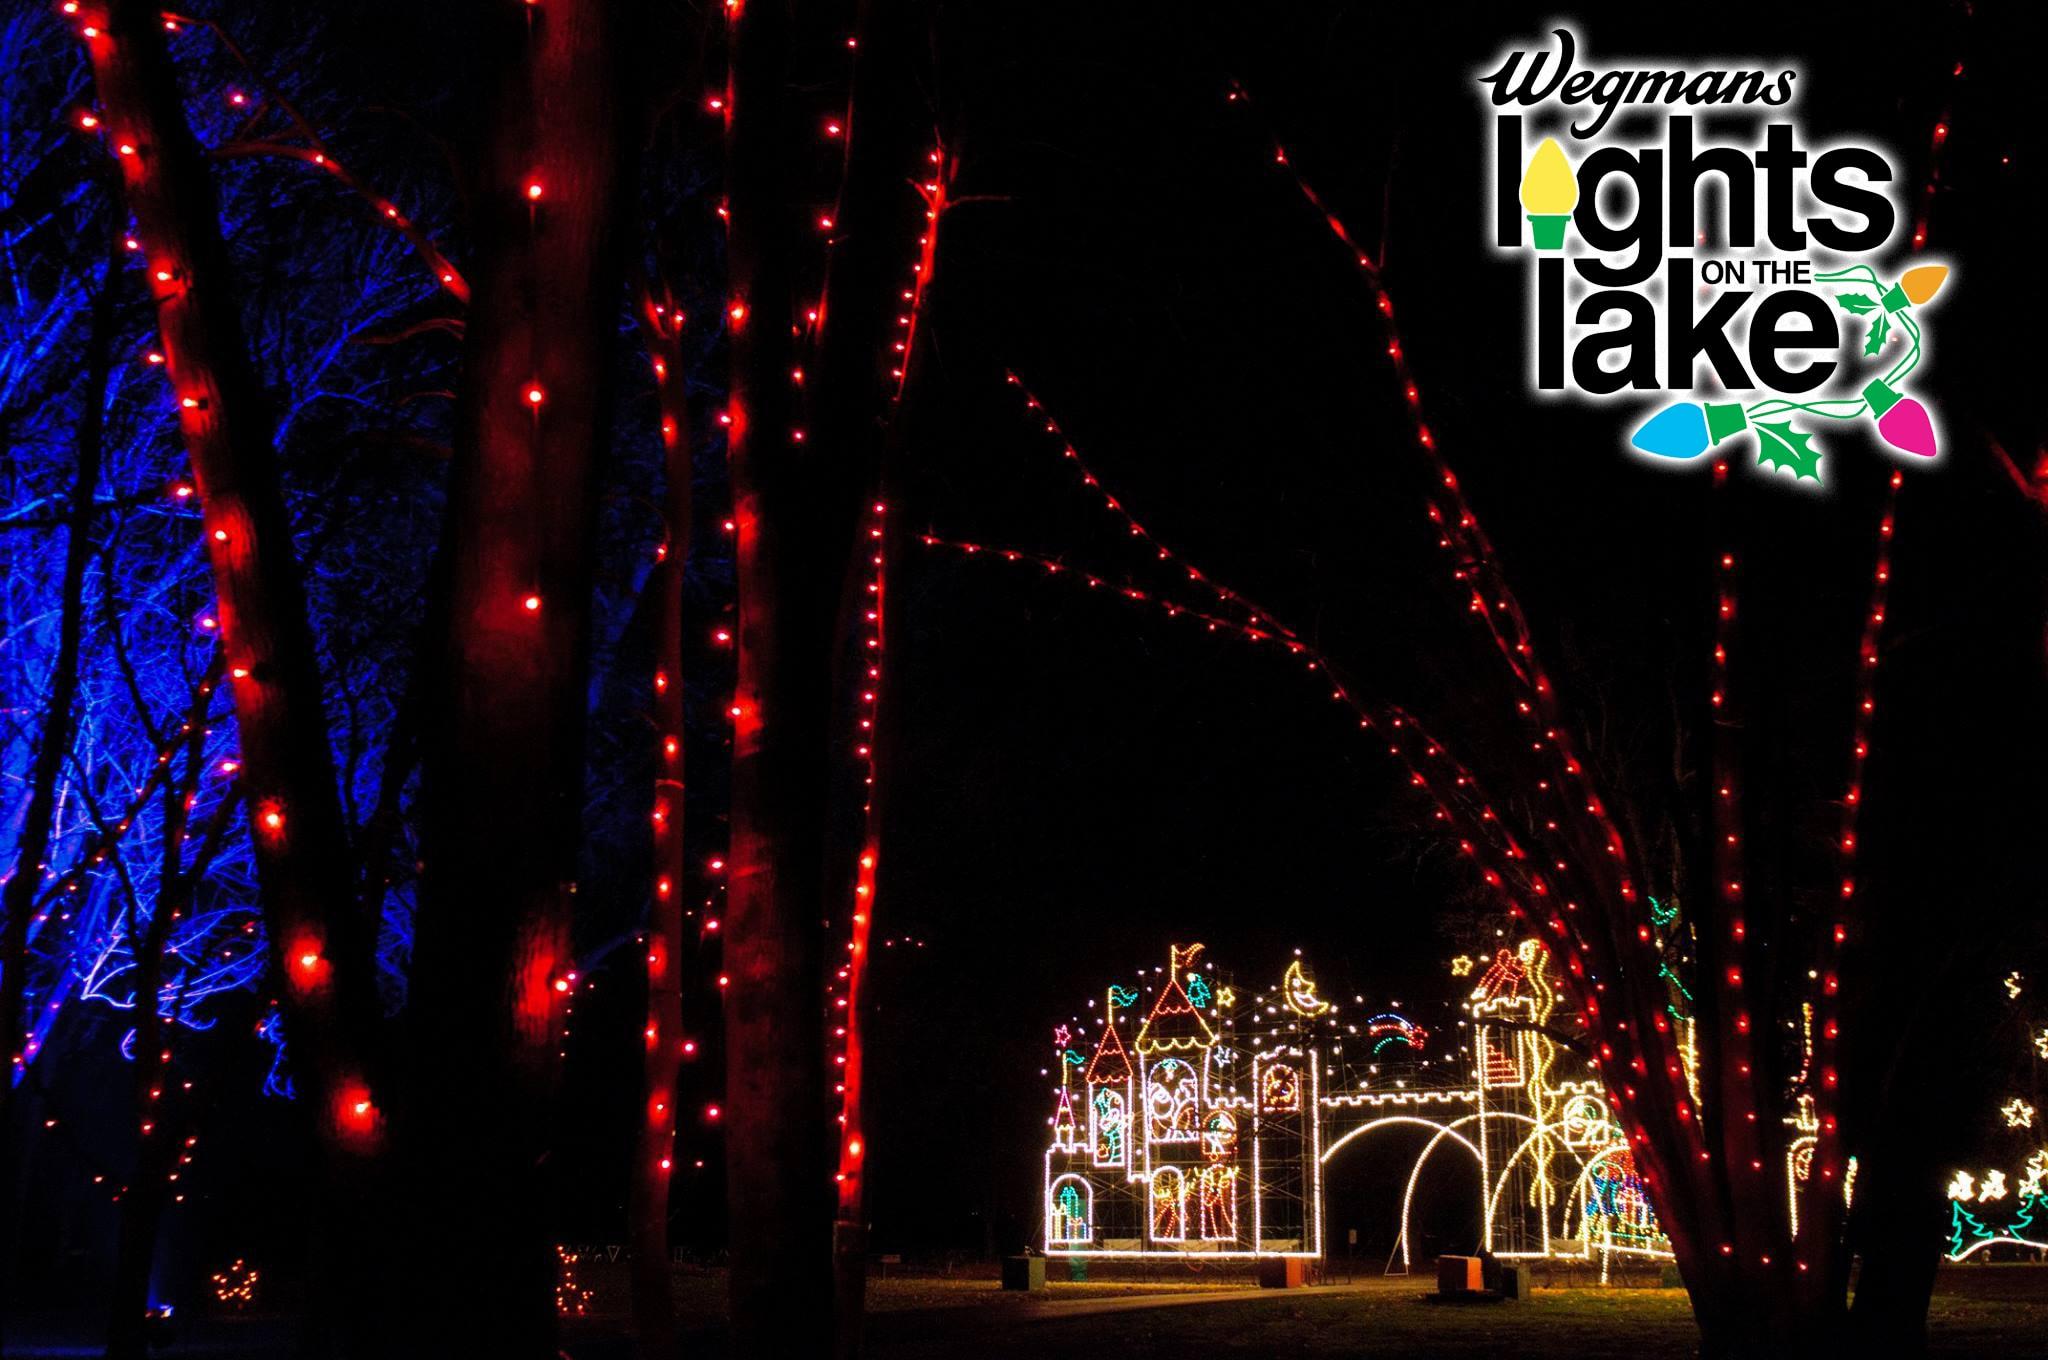 Lights on the Lake - Christmas drive thru lights